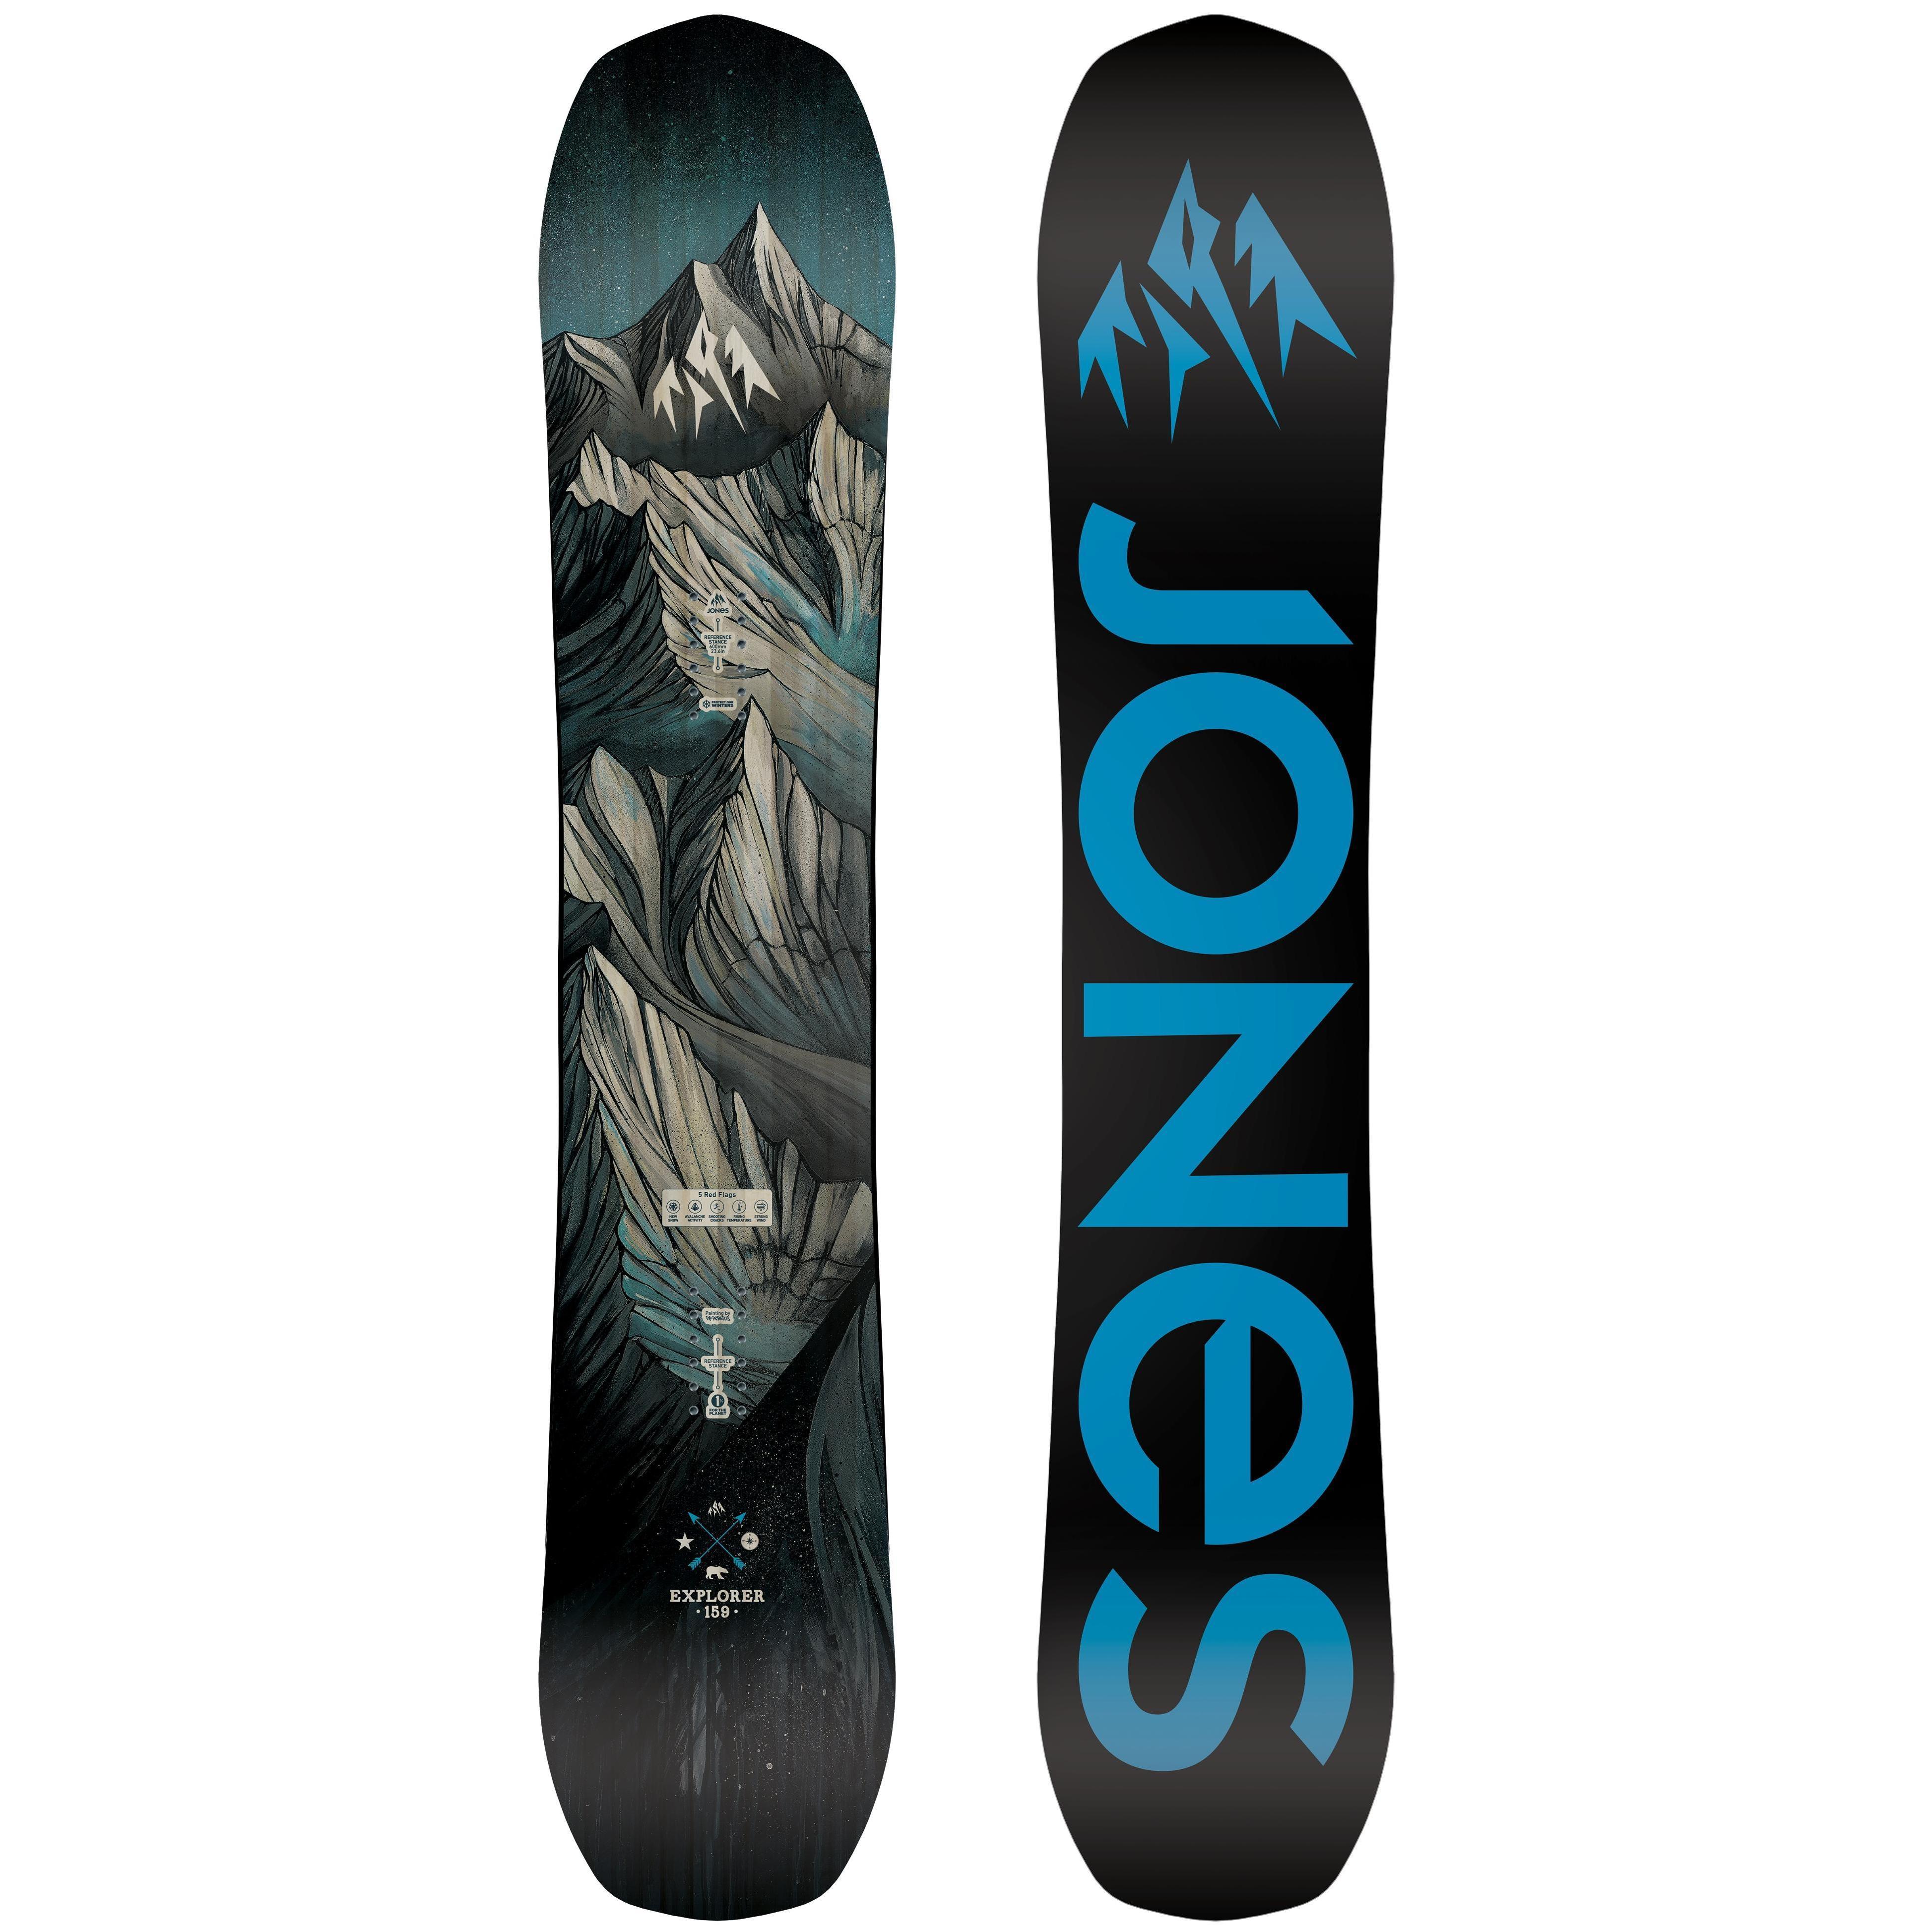 92781be45f1b Сноуборд Jones Explorer 2018-19 - купить недорого, цены в магазине КАНТ